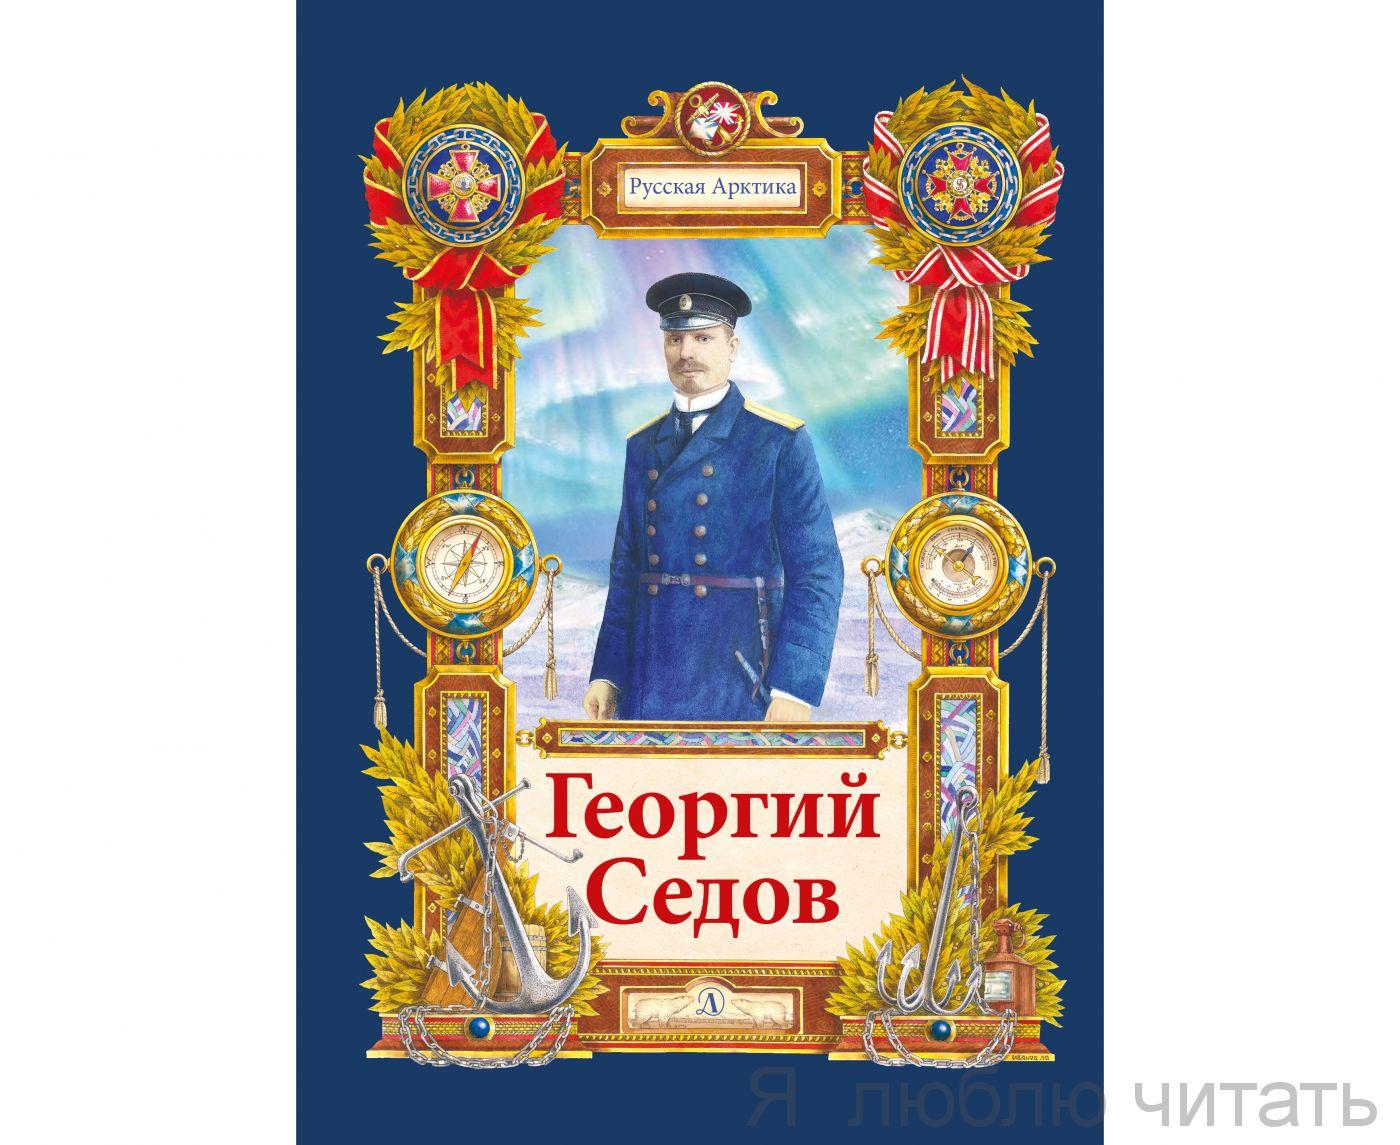 Георгий Седов